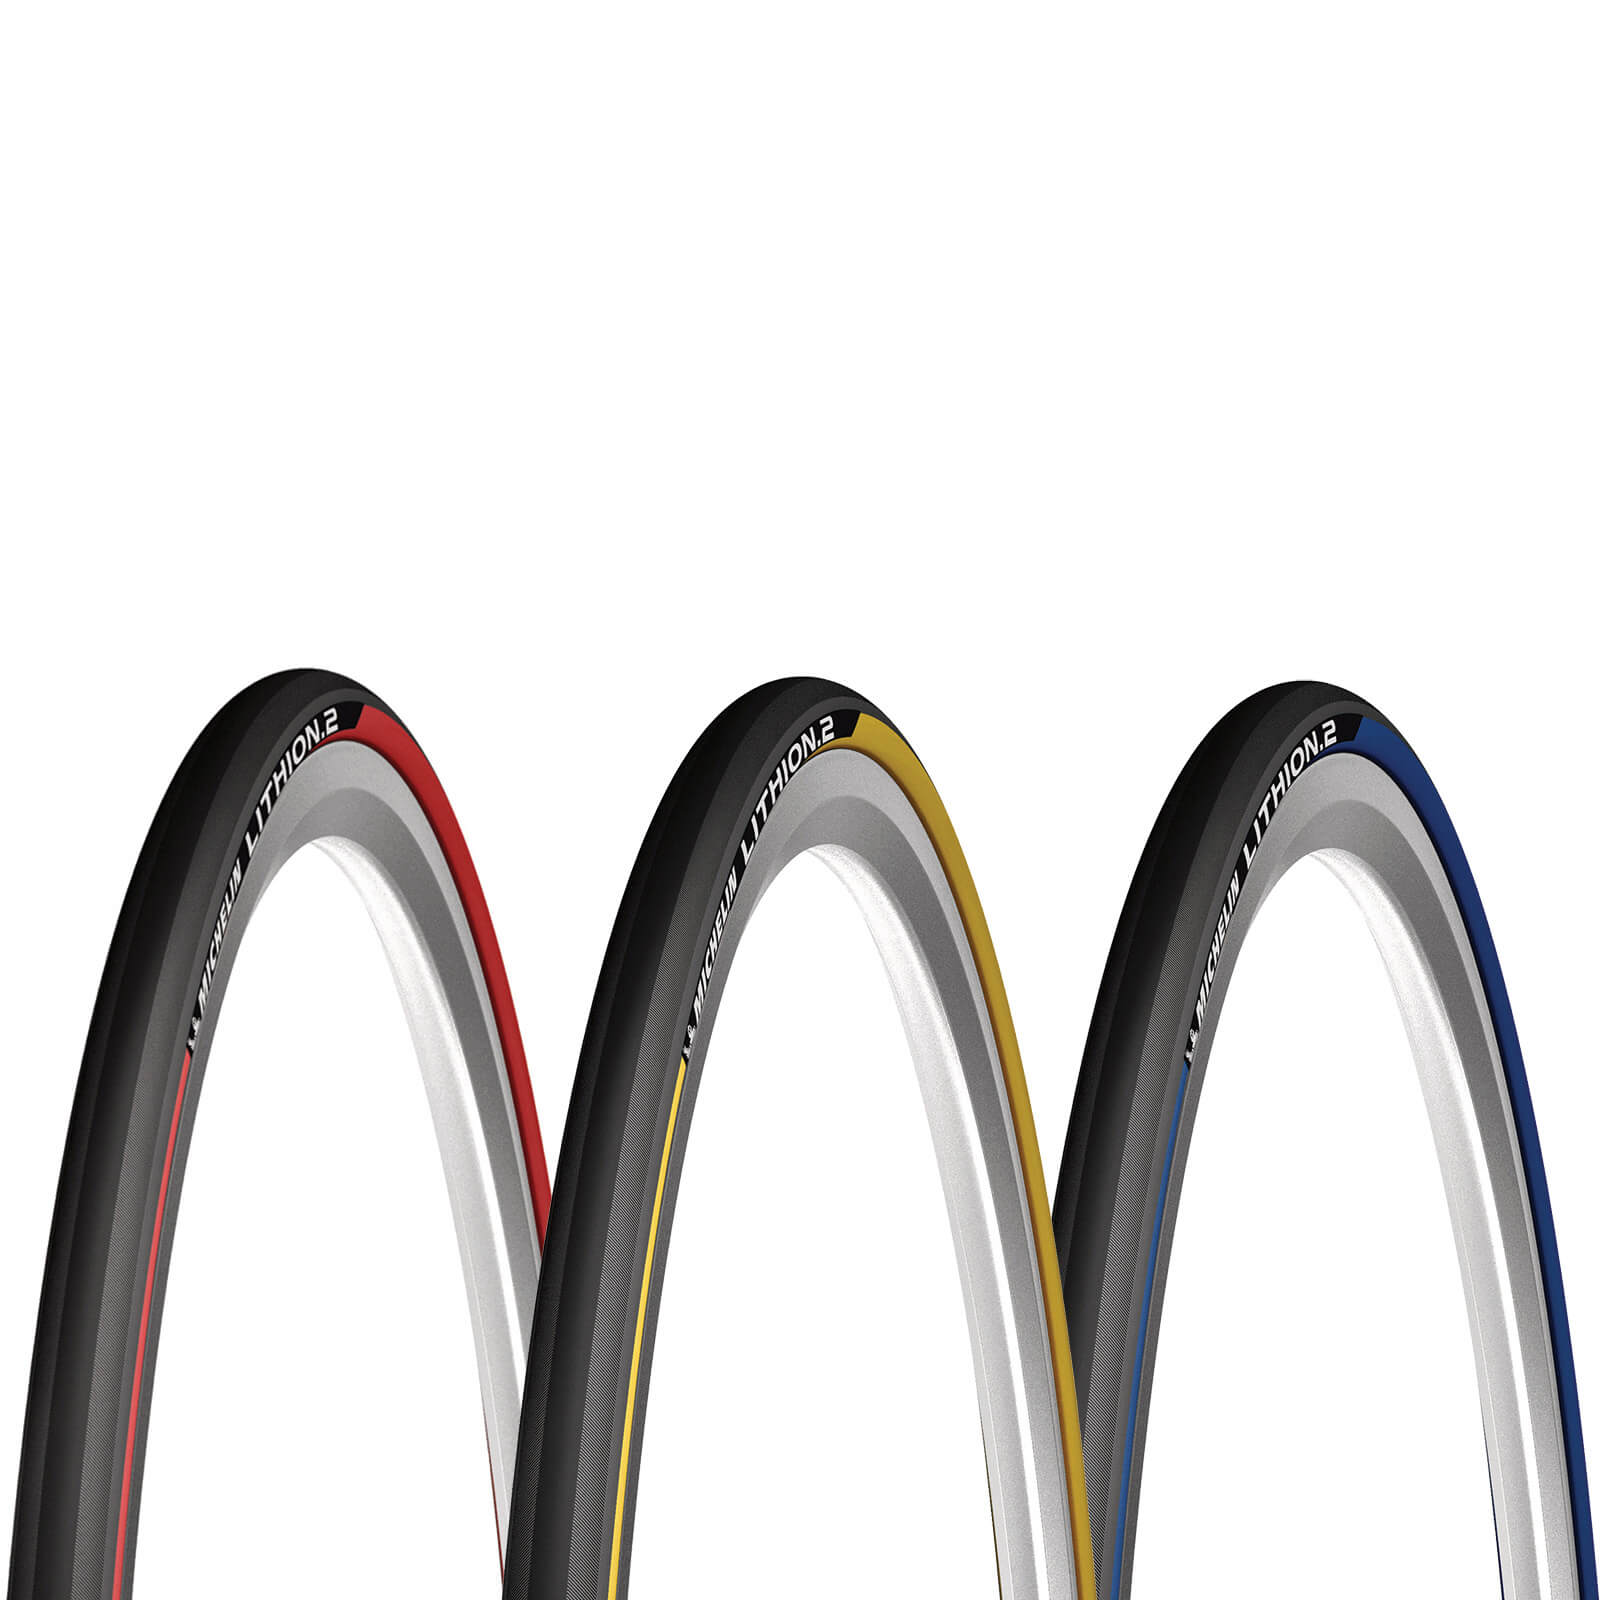 Michelin Lithion 2 Clincher Rennradreifen - 700c x 25mm - Grau/Schwarz